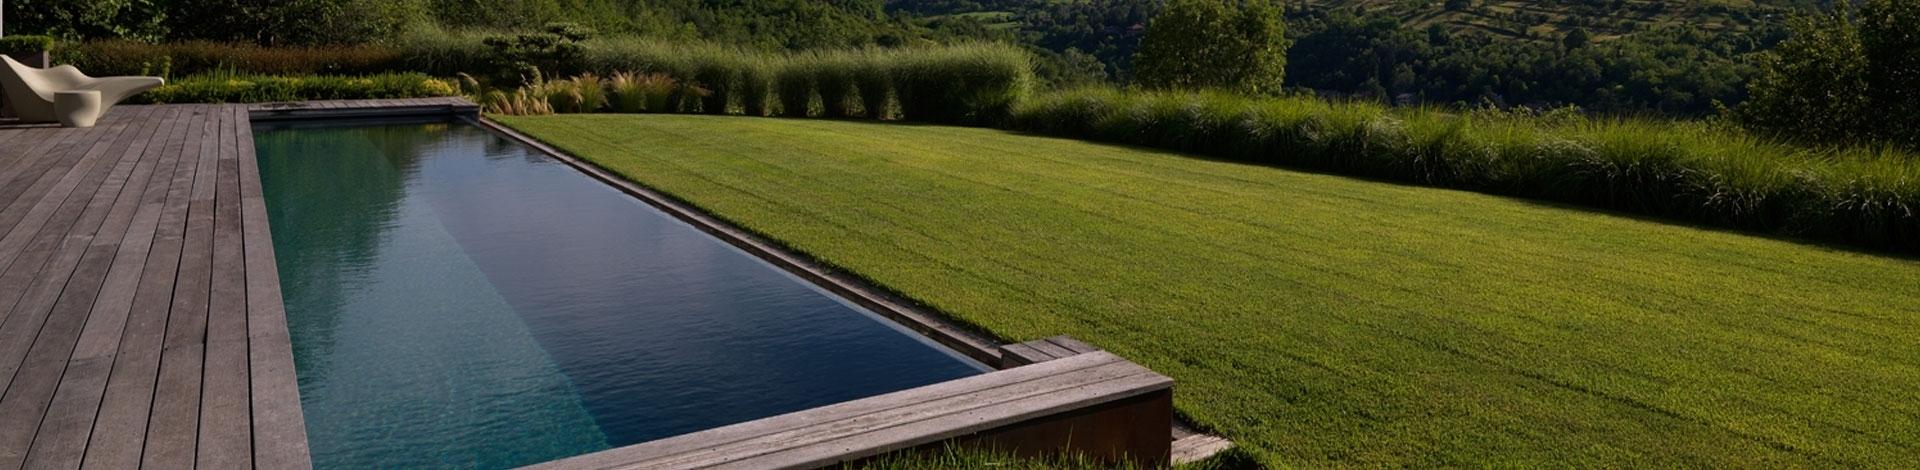 manutenzione piscina pulizia piscine prodotti piscine